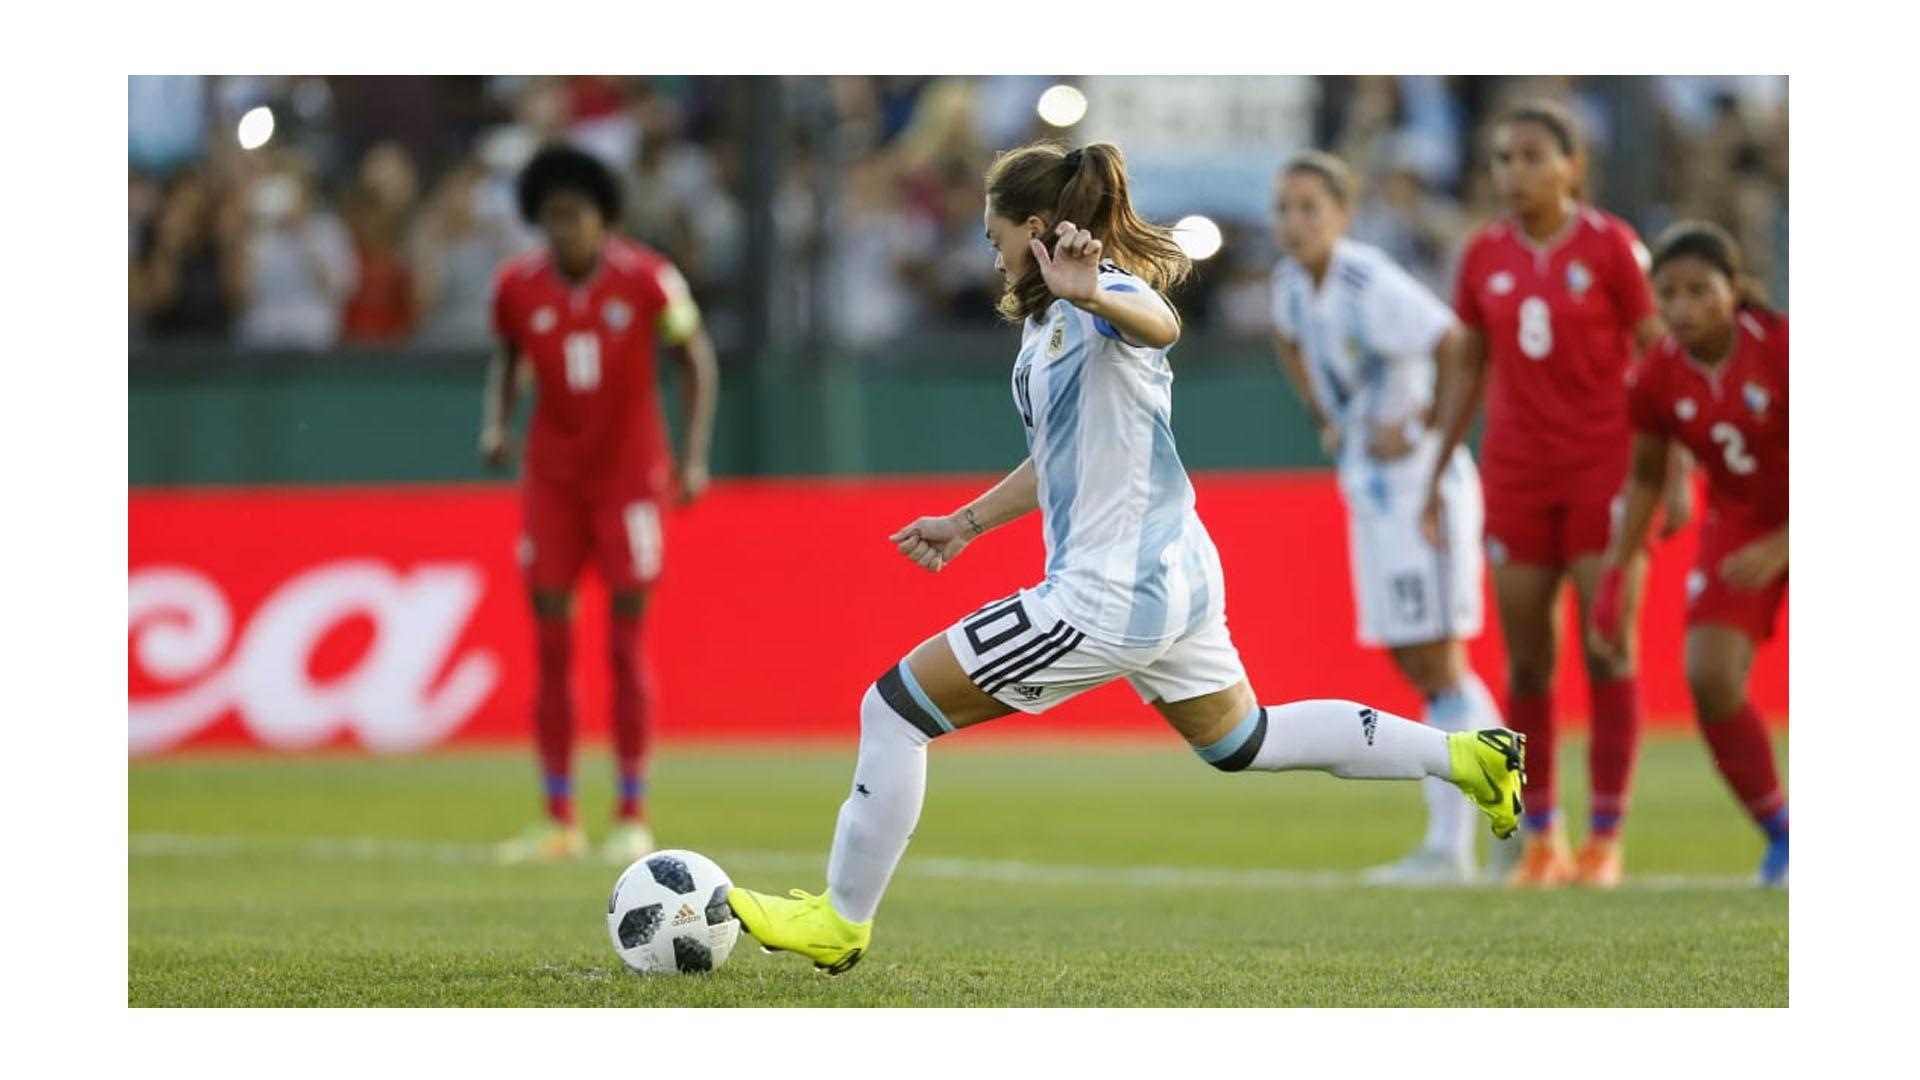 El equipo argentino quiere volver a disputar una Copa del Mundo luego de once años. El primer paso lo dio en cancha de Arsenal, donde ganó 4 a 0 con goles de Mariana Larroquette, Yamila Rodríguez y doblete de Eliana Stabile (Nicolás Aboaf)